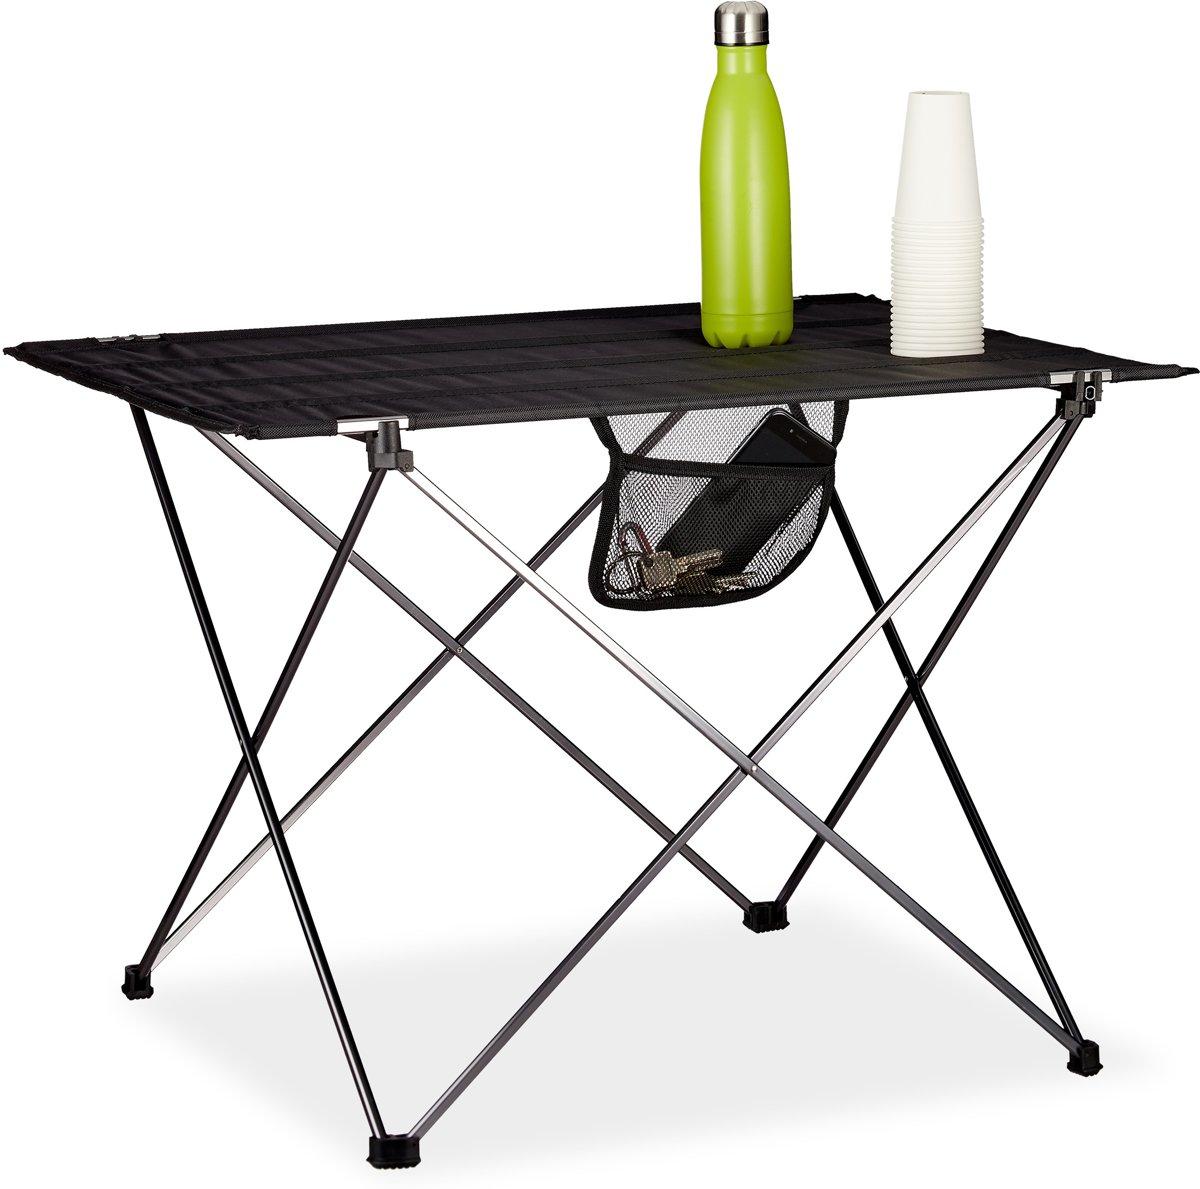 relaxdays campingtafel inklapbaar - kampeertafel - klaptafel - picknicktafel - draagzak